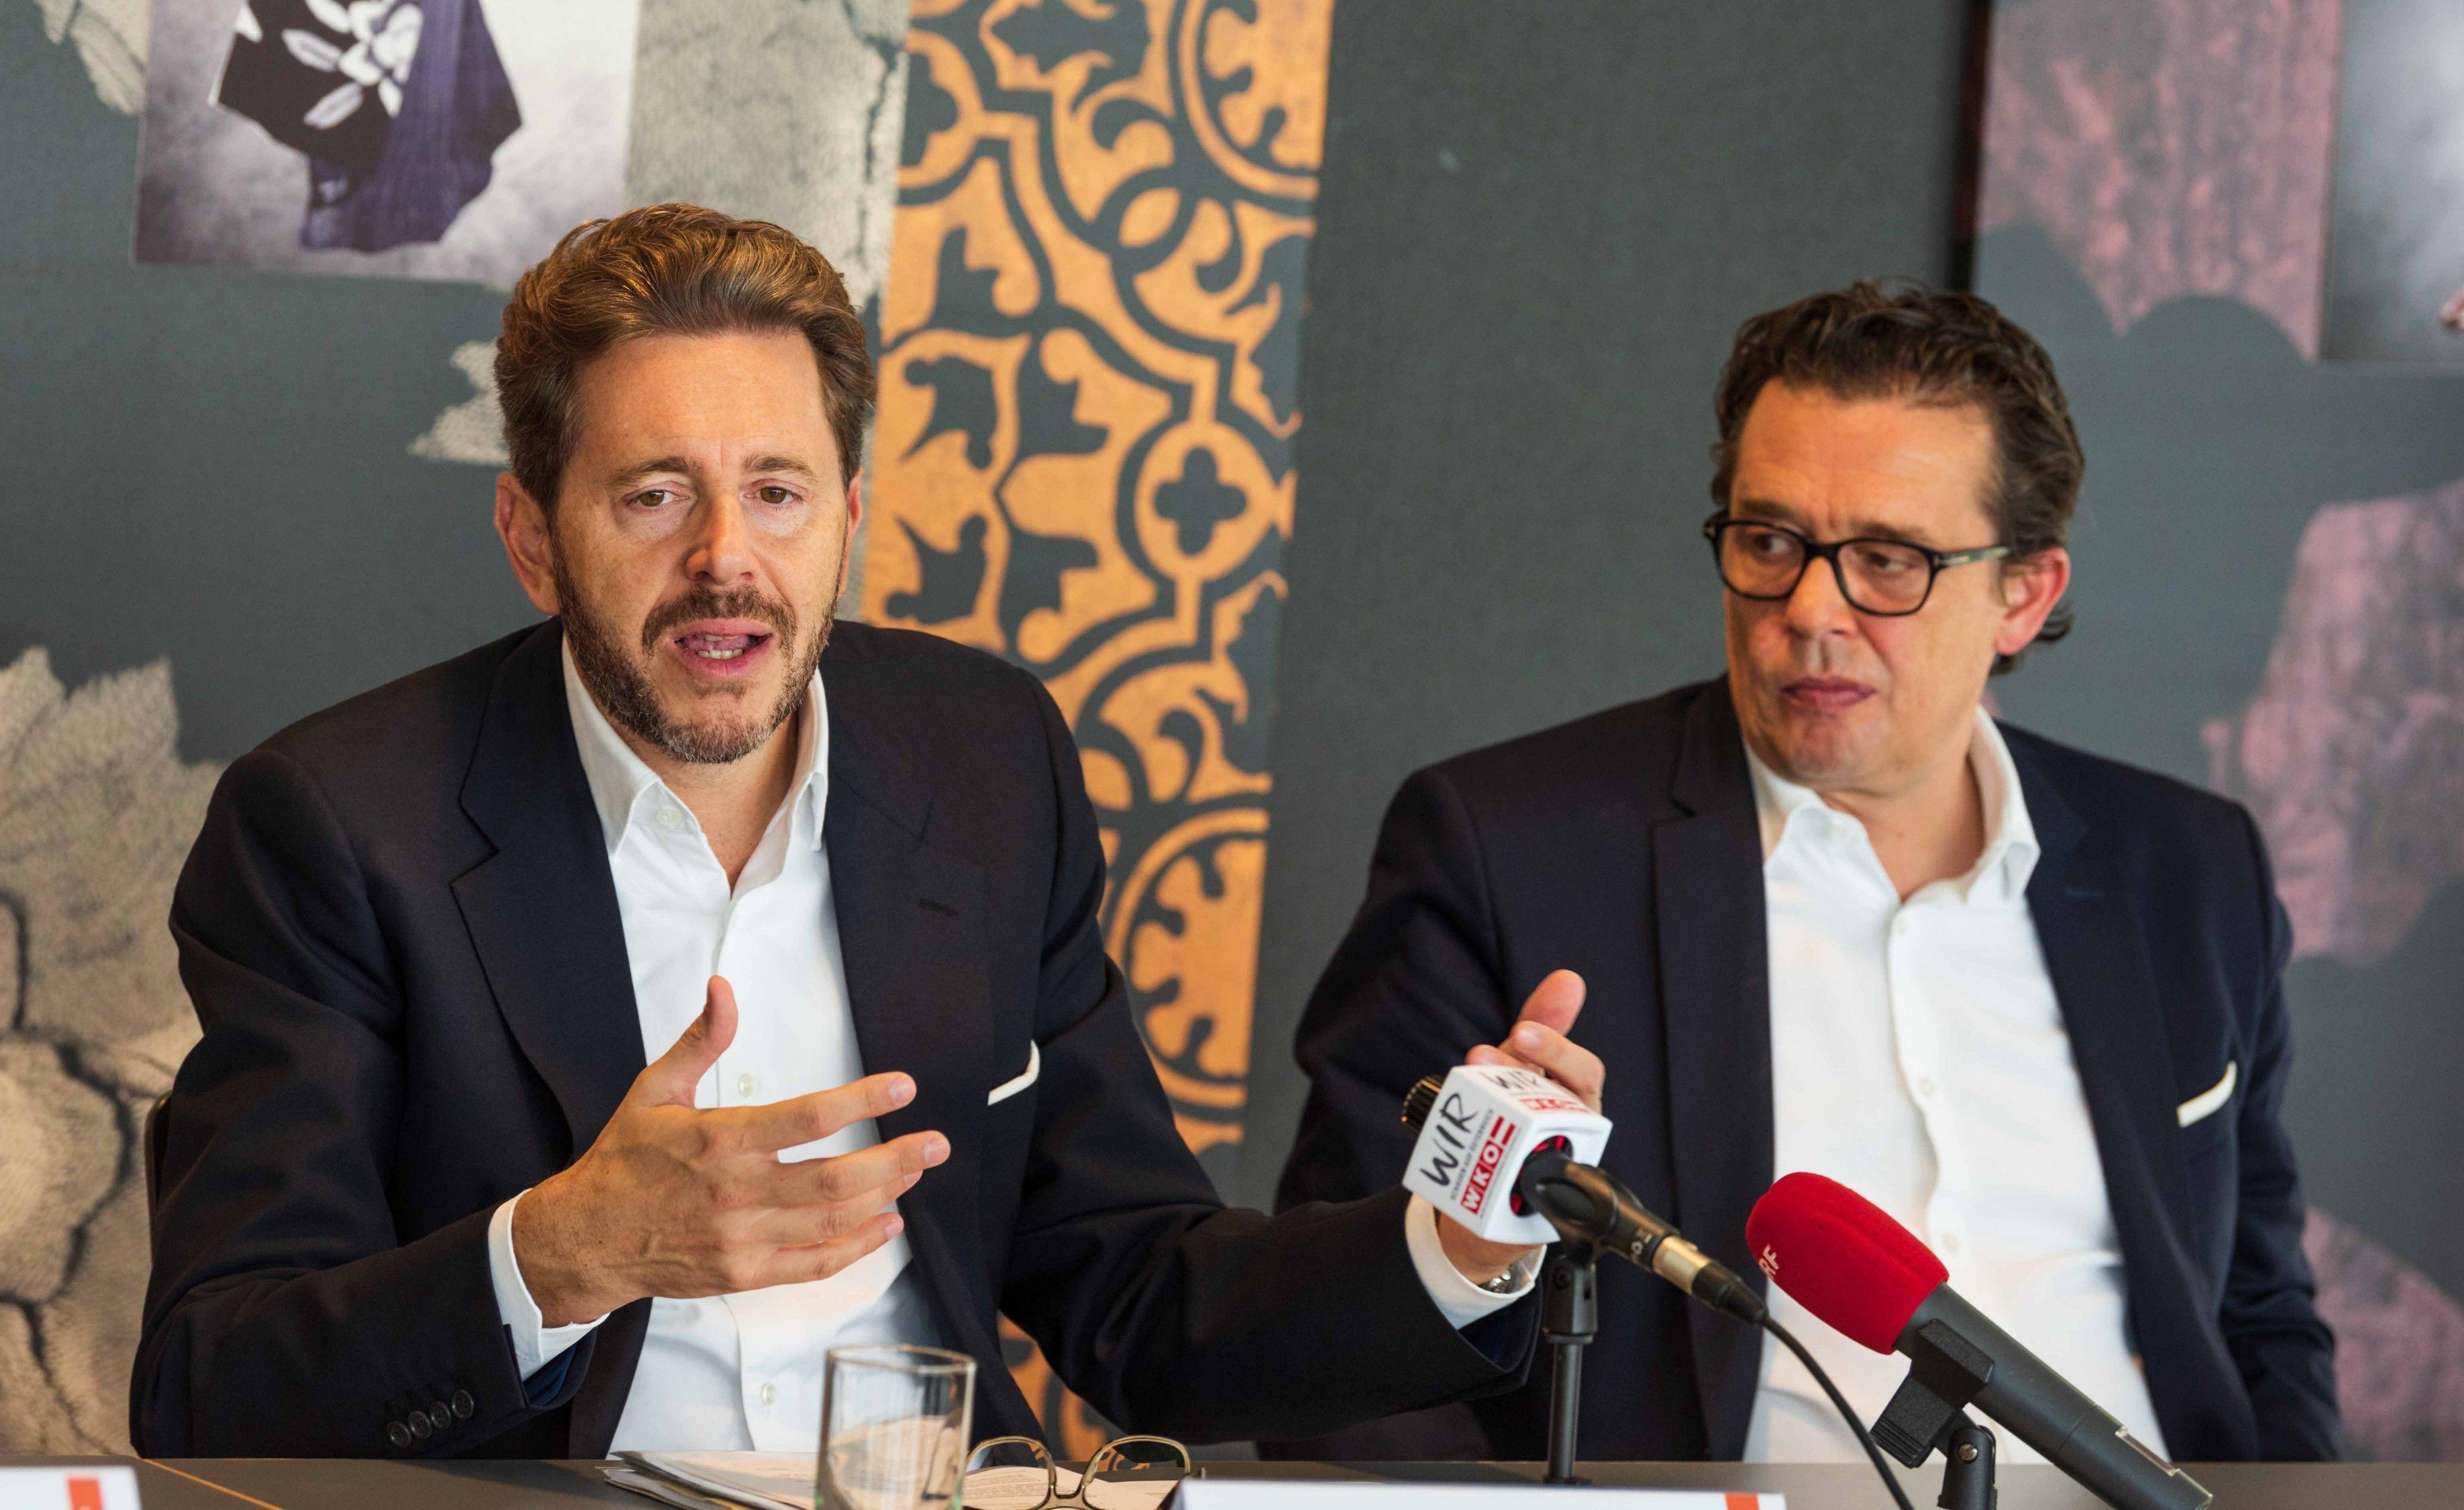 Vorarlberg: Fachkräftemangel auch für Junge Wirtschaft größtes Problem